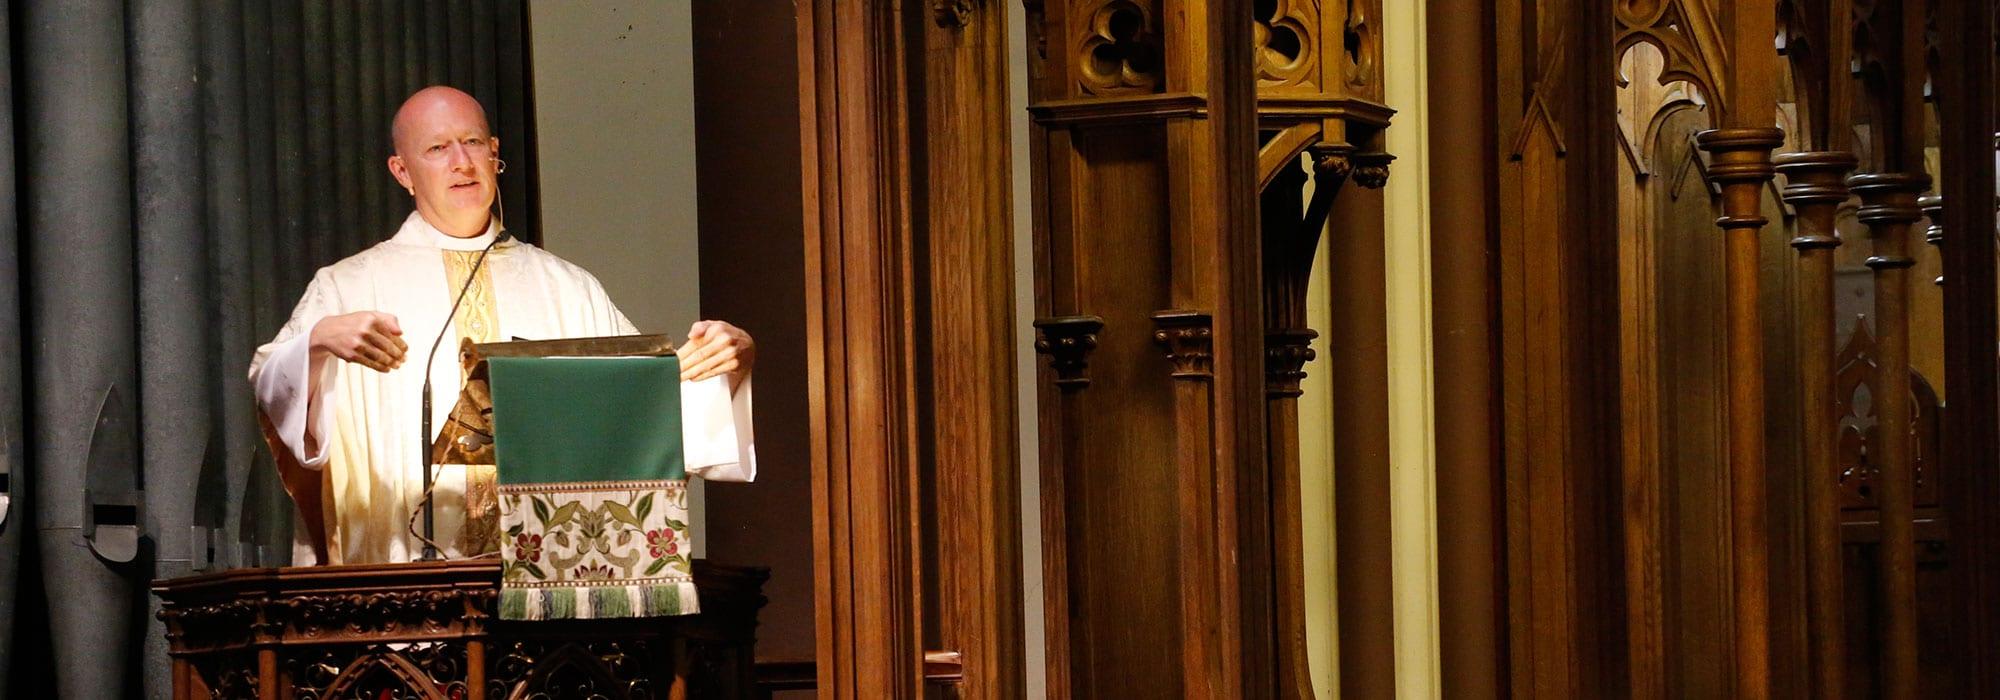 Rev. Dr. Richard Bardusch